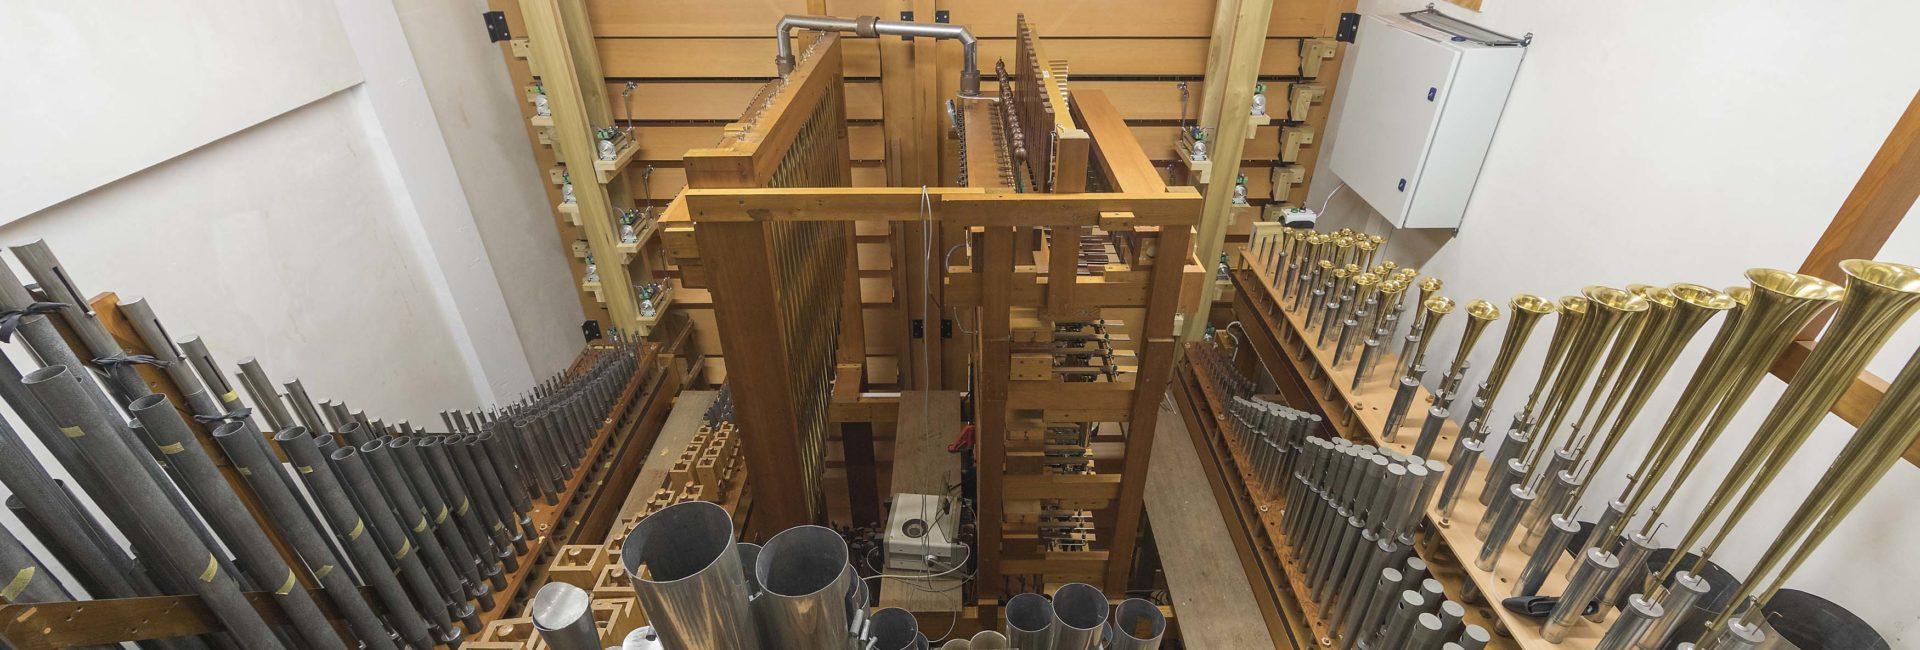 Orgel Pierre Palla